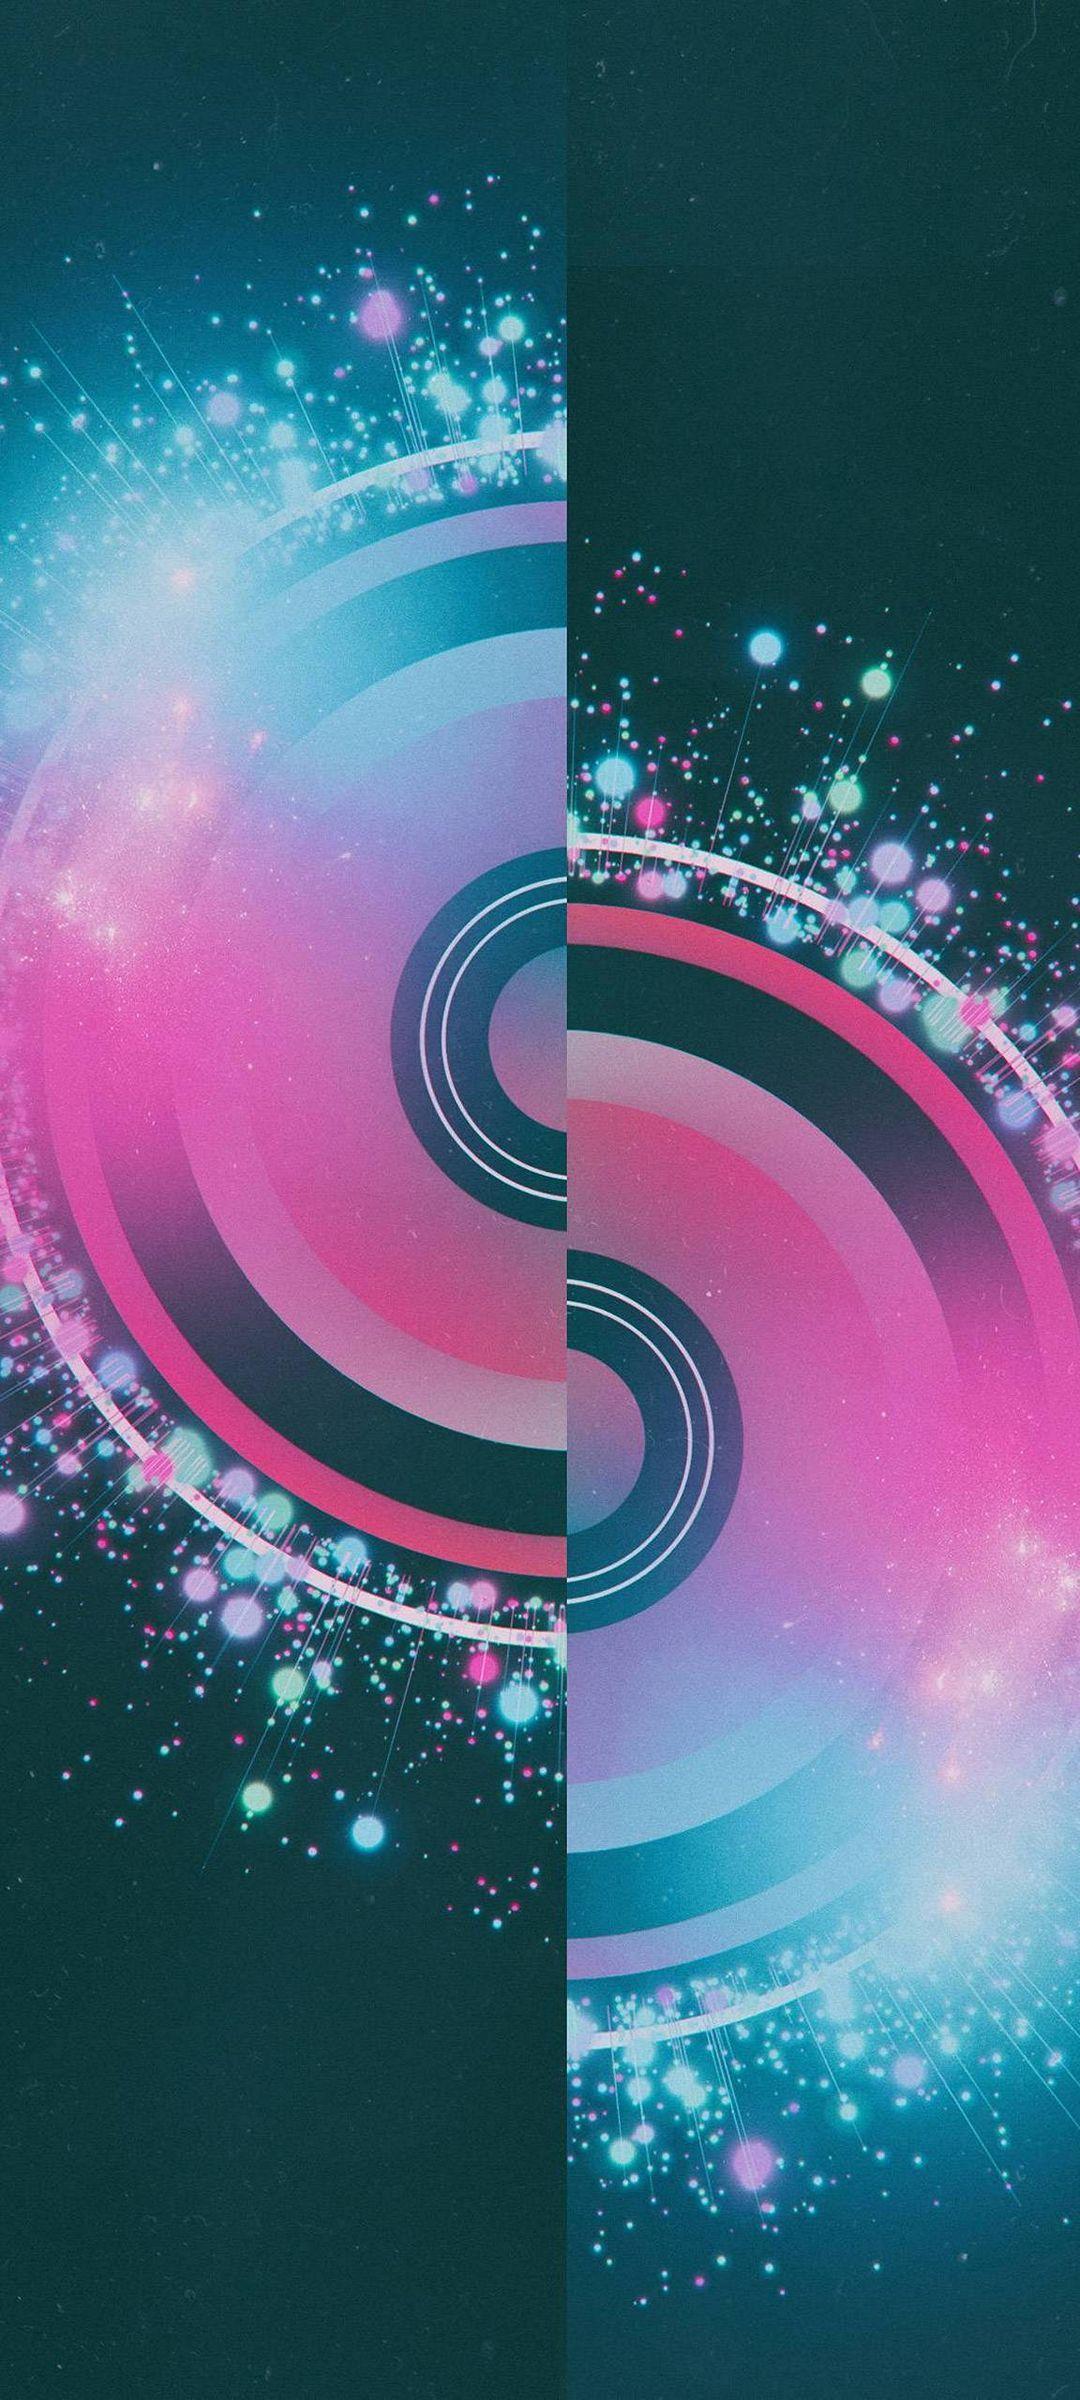 Samsung Galaxy A70 Wallpapers Abstract Wallpaper Abstract Galaxy Wallpaper